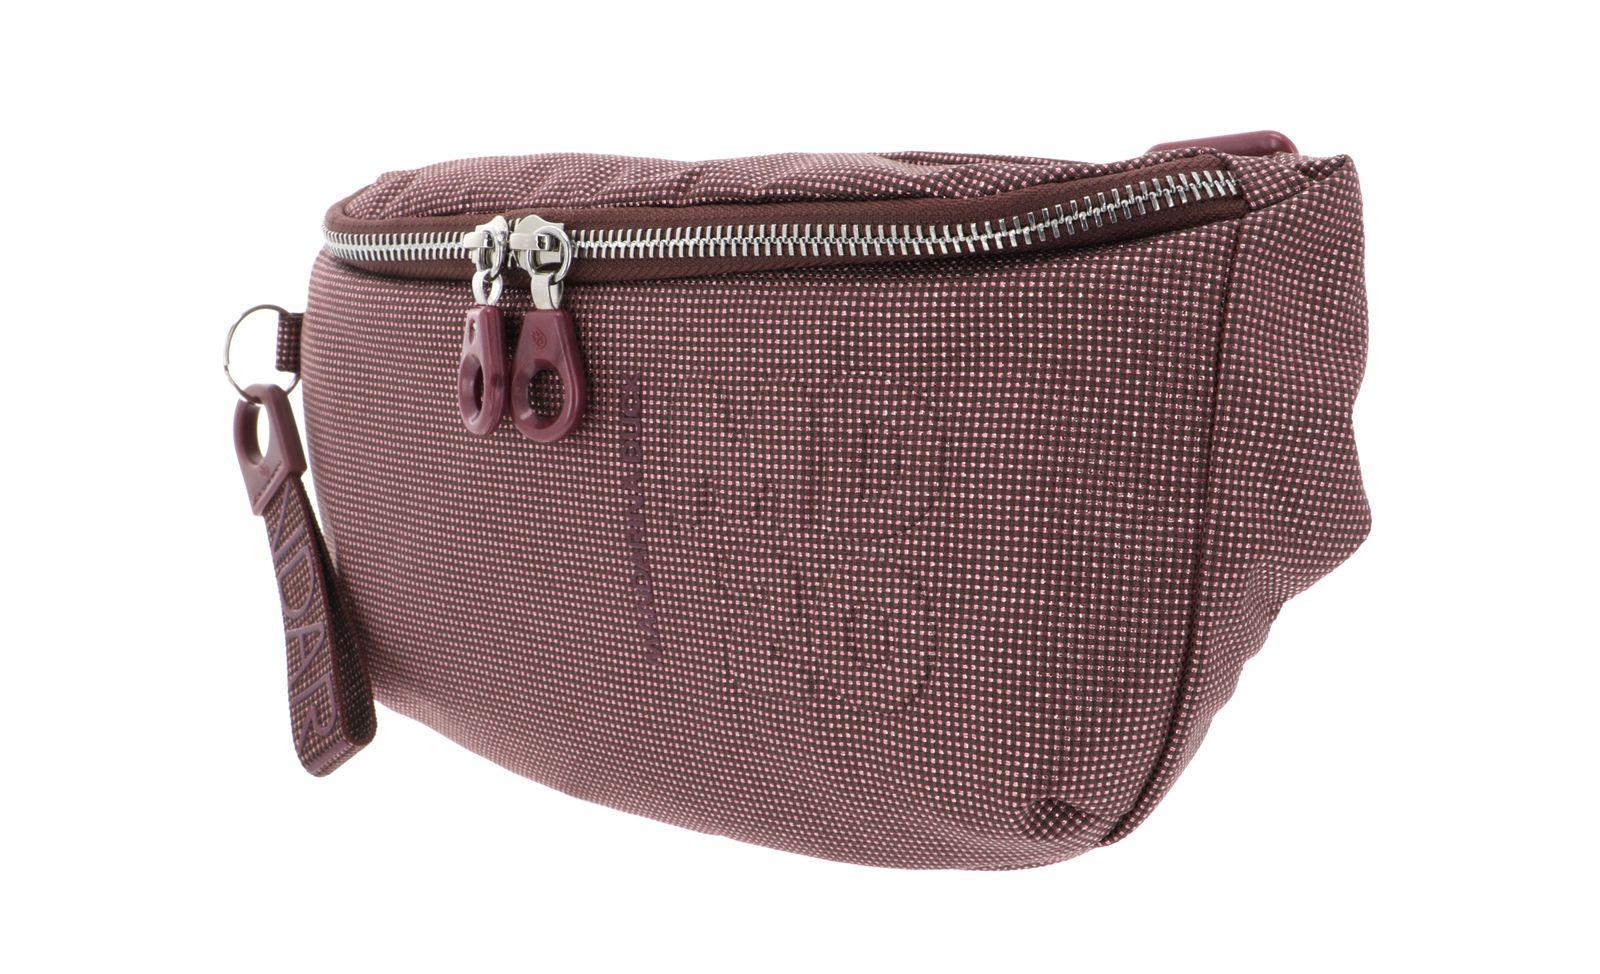 MANDARINA DUCK MD20 Lux Bum Bag Mahogany Pink